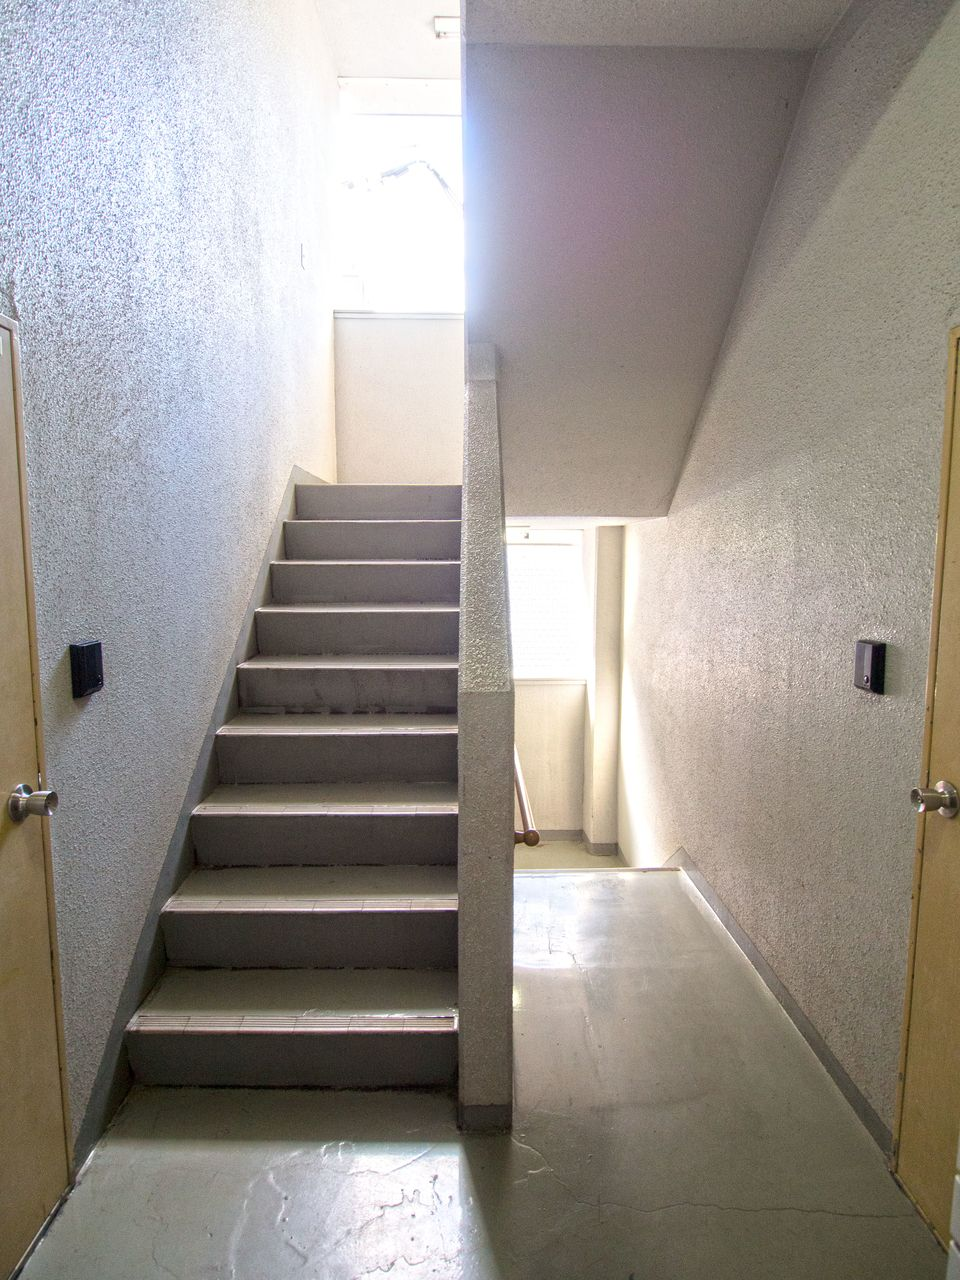 隣室と接さない中央階段式